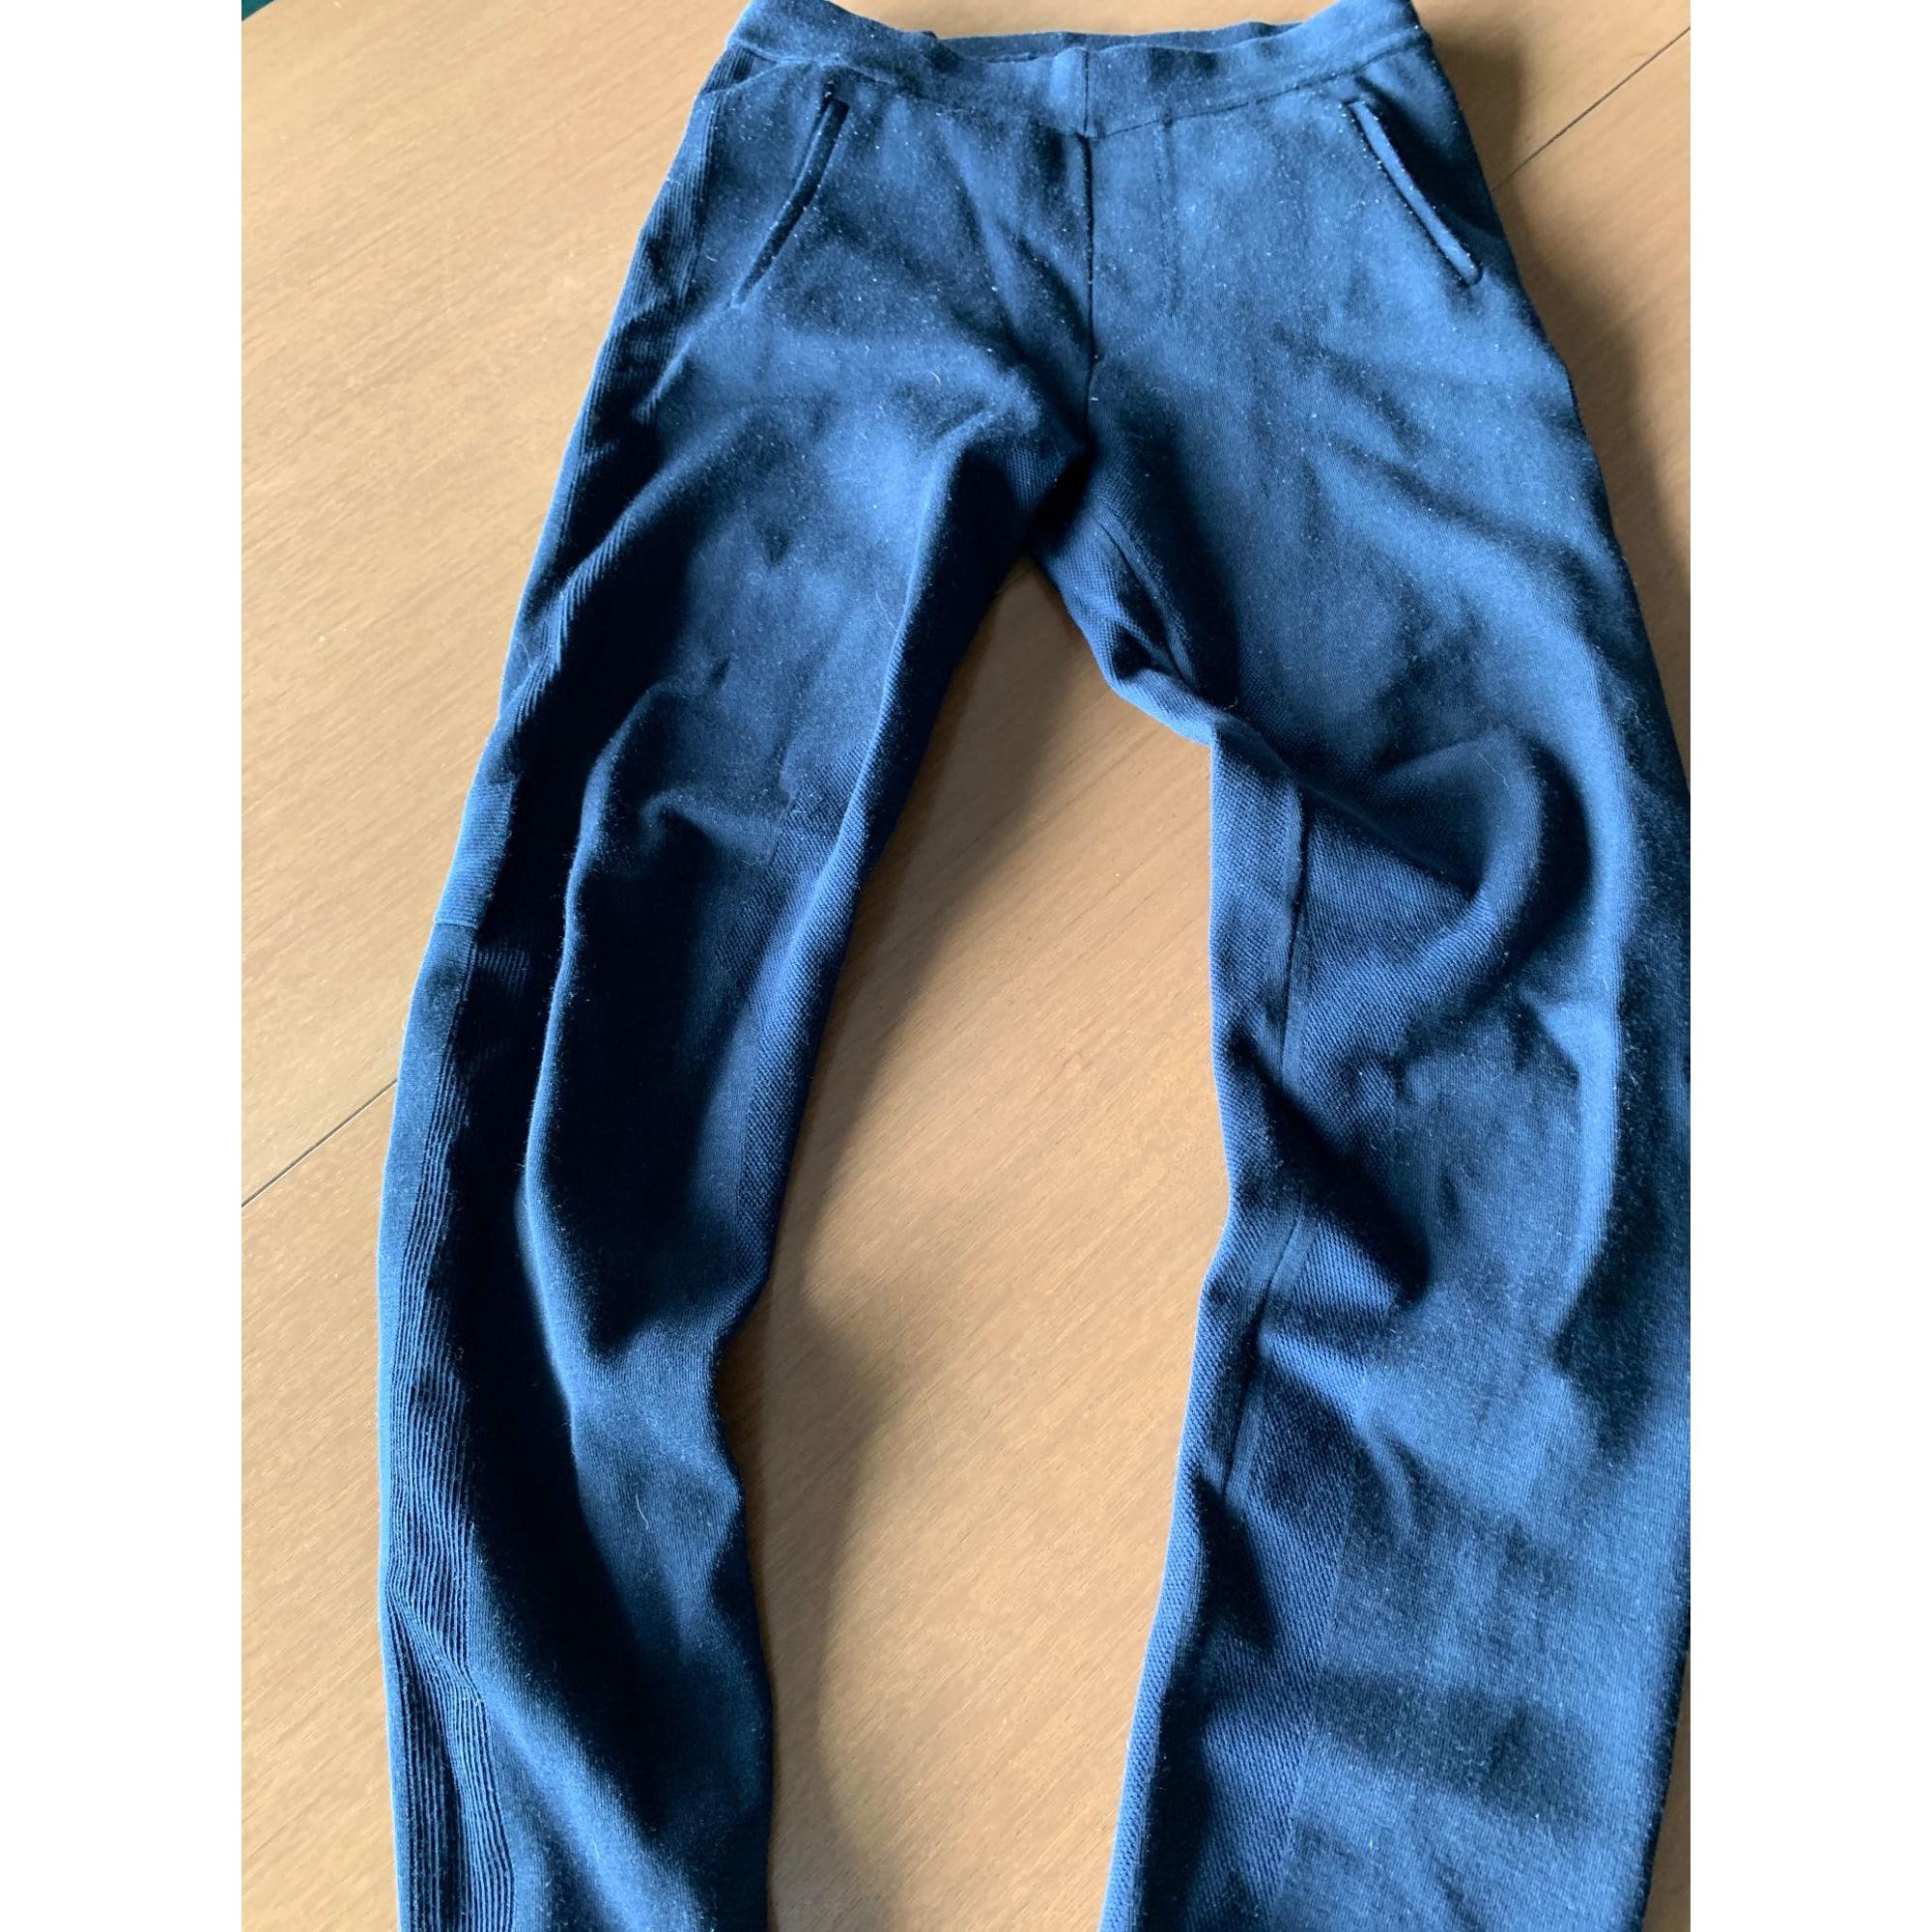 Pantalon slim NAPAPIJRI Bleu, bleu marine, bleu turquoise